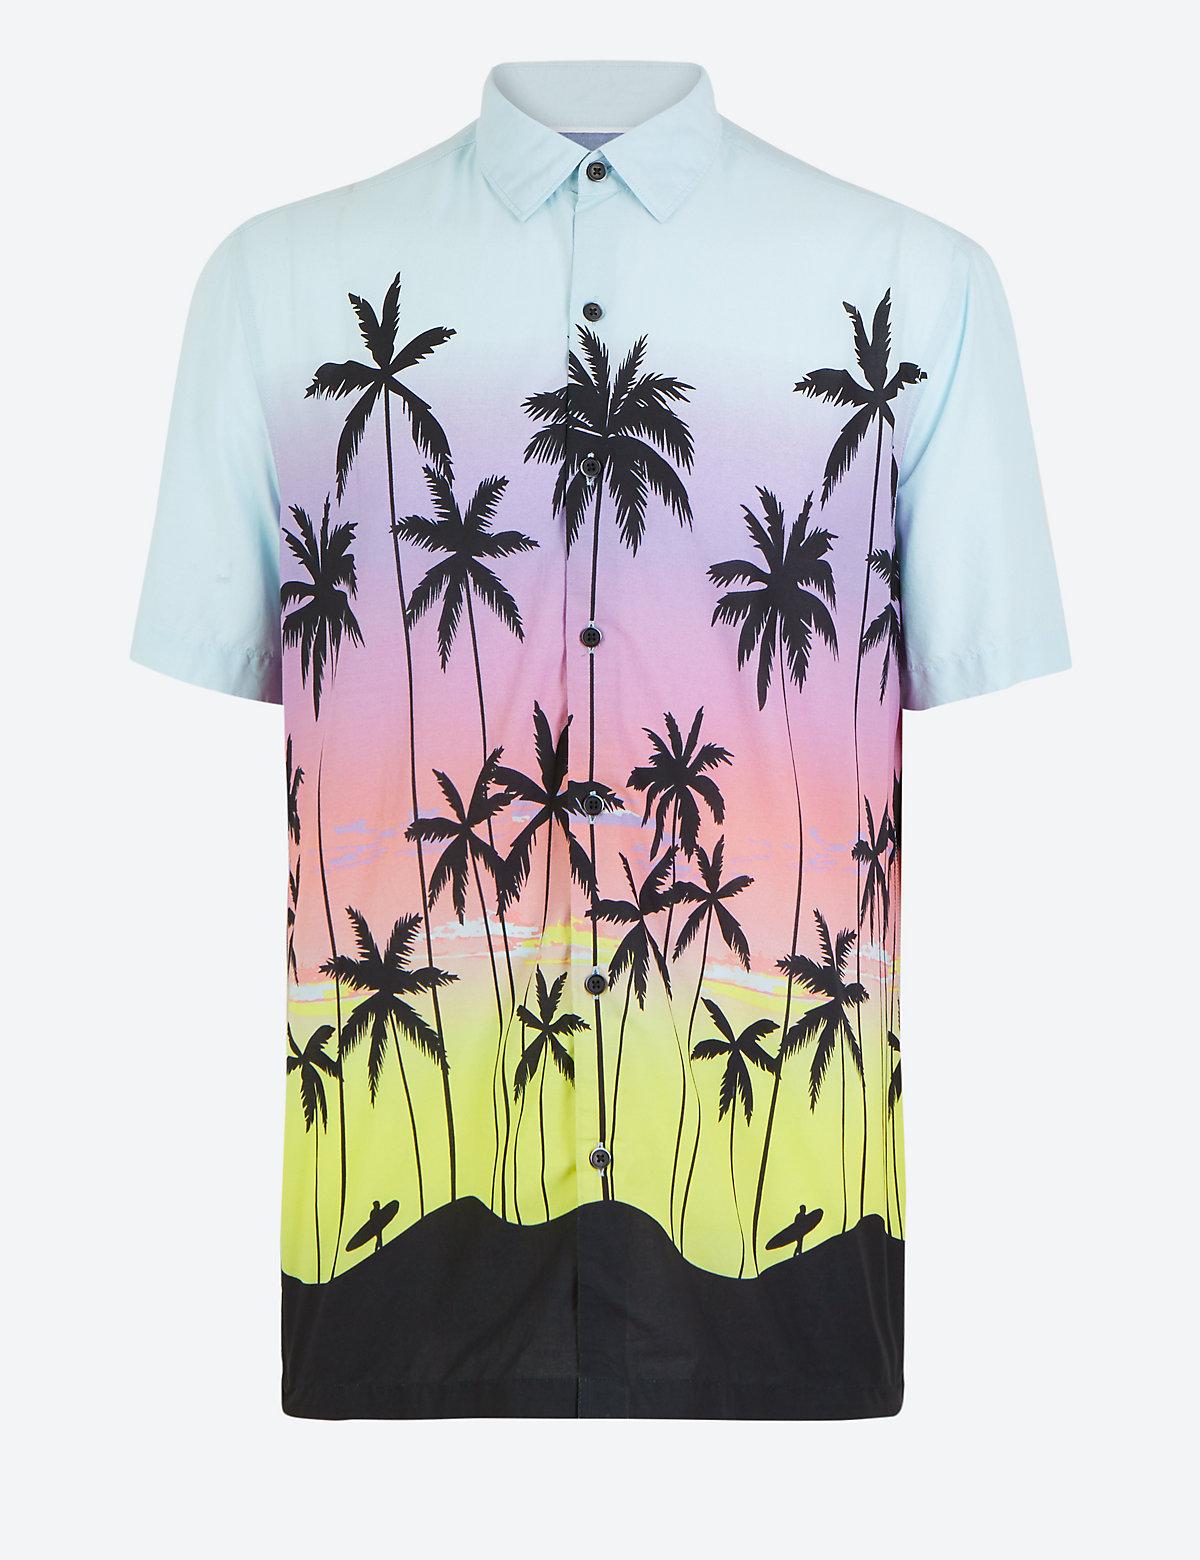 Хлопковая рубашка с крупным принтом Пальмы